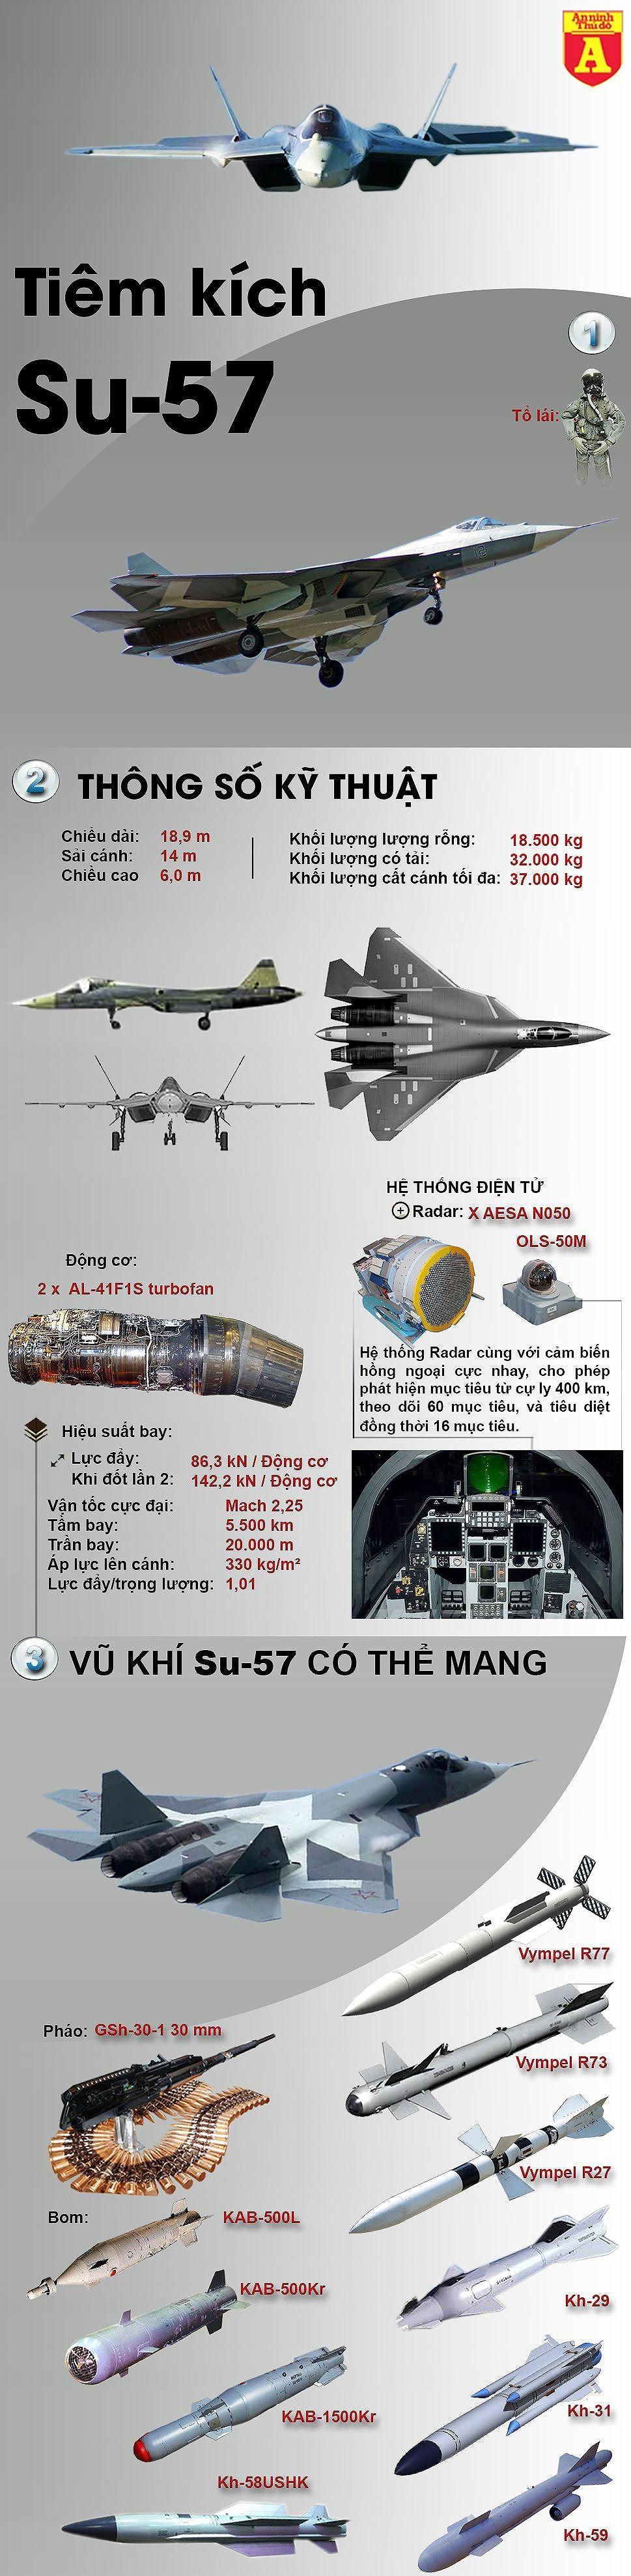 [ĐỒ HỌA] Không bán F-35, Thổ Nhĩ Kỳ sẽ mua Su-57, Mỹ mất cả chì lẫn chài? ảnh 2